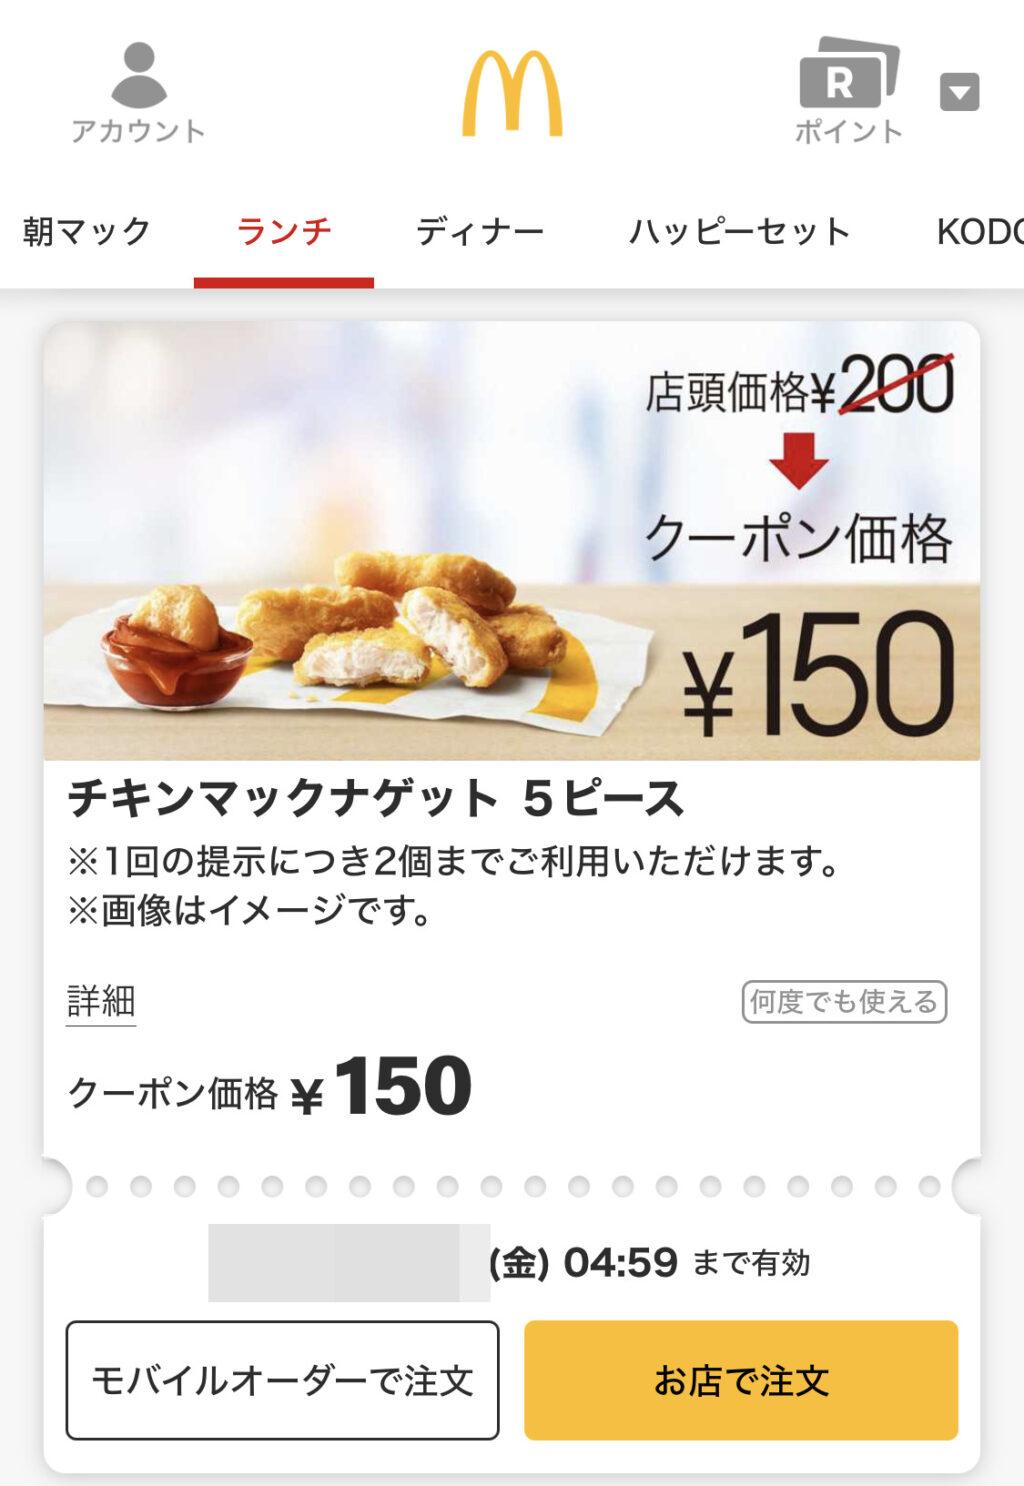 マクドナルドのクーポン例